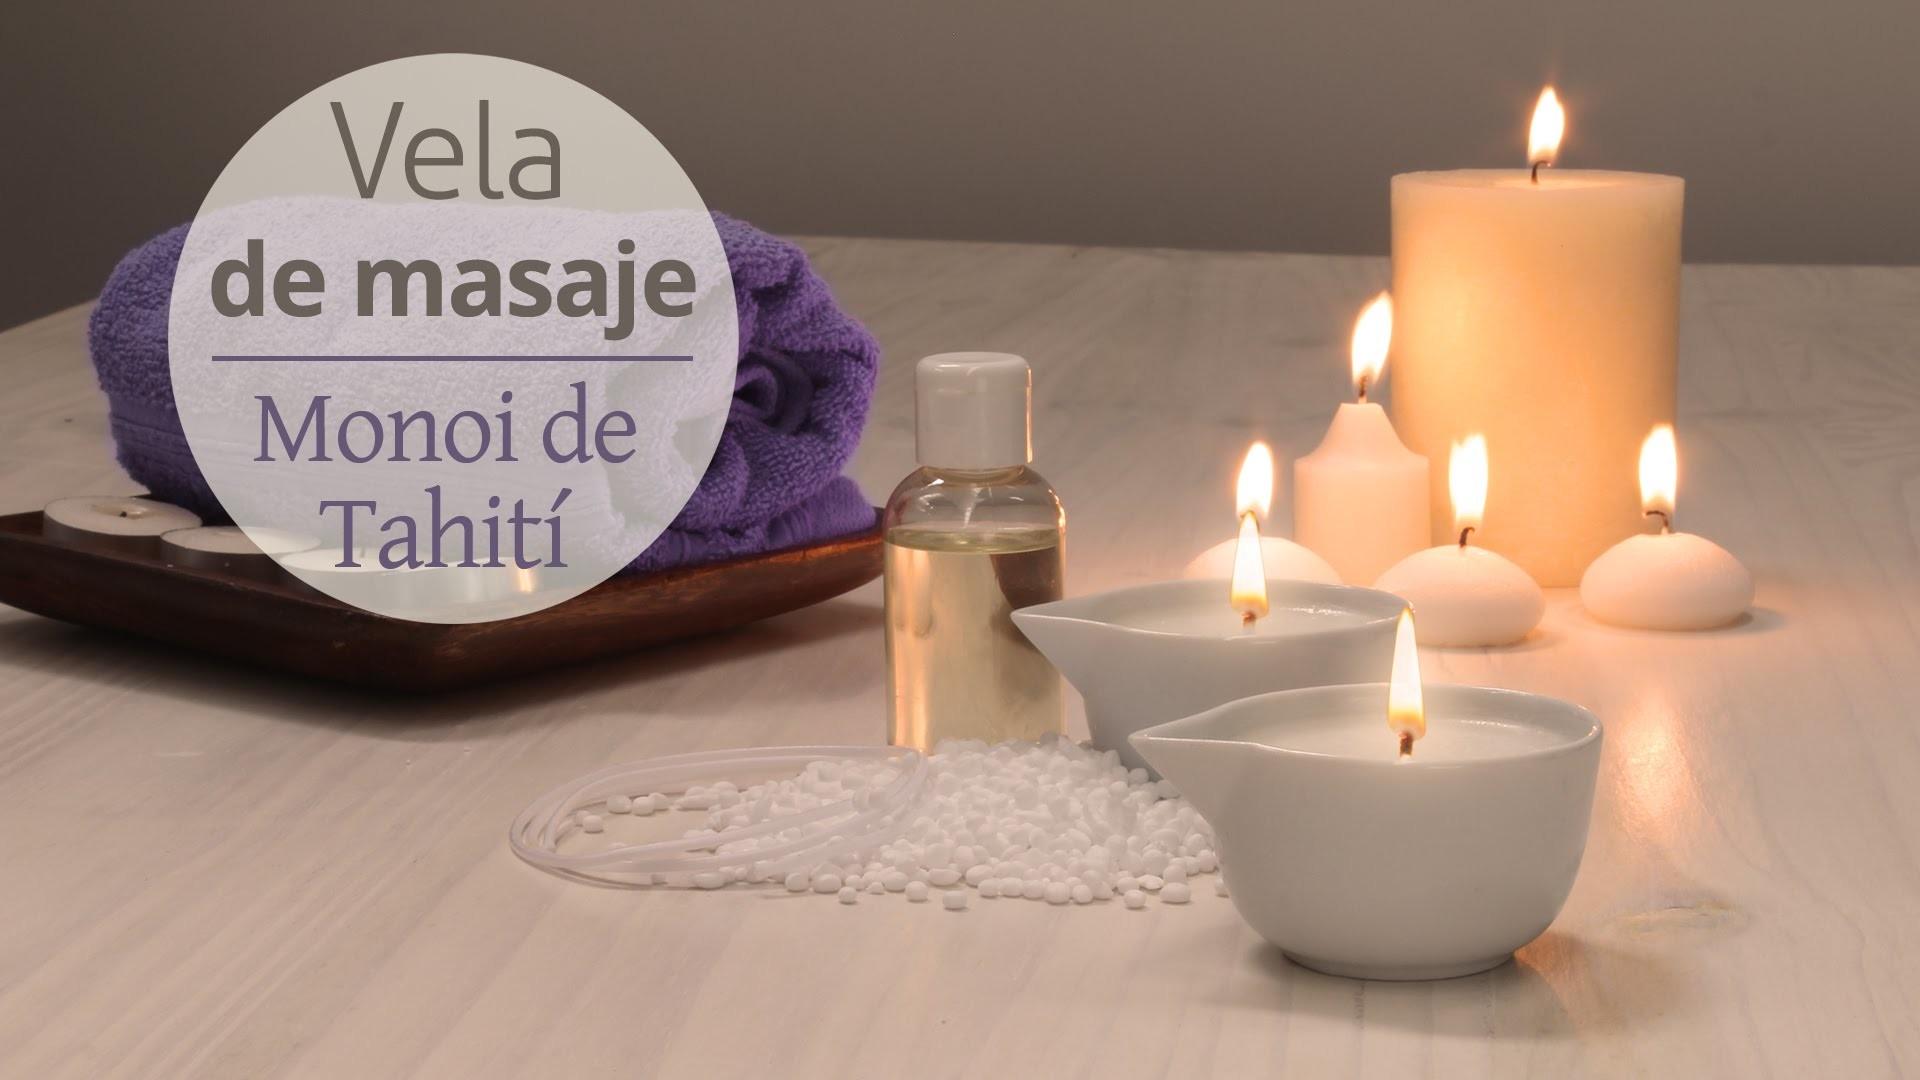 Hacer vela de masaje Monoi de Tahiti